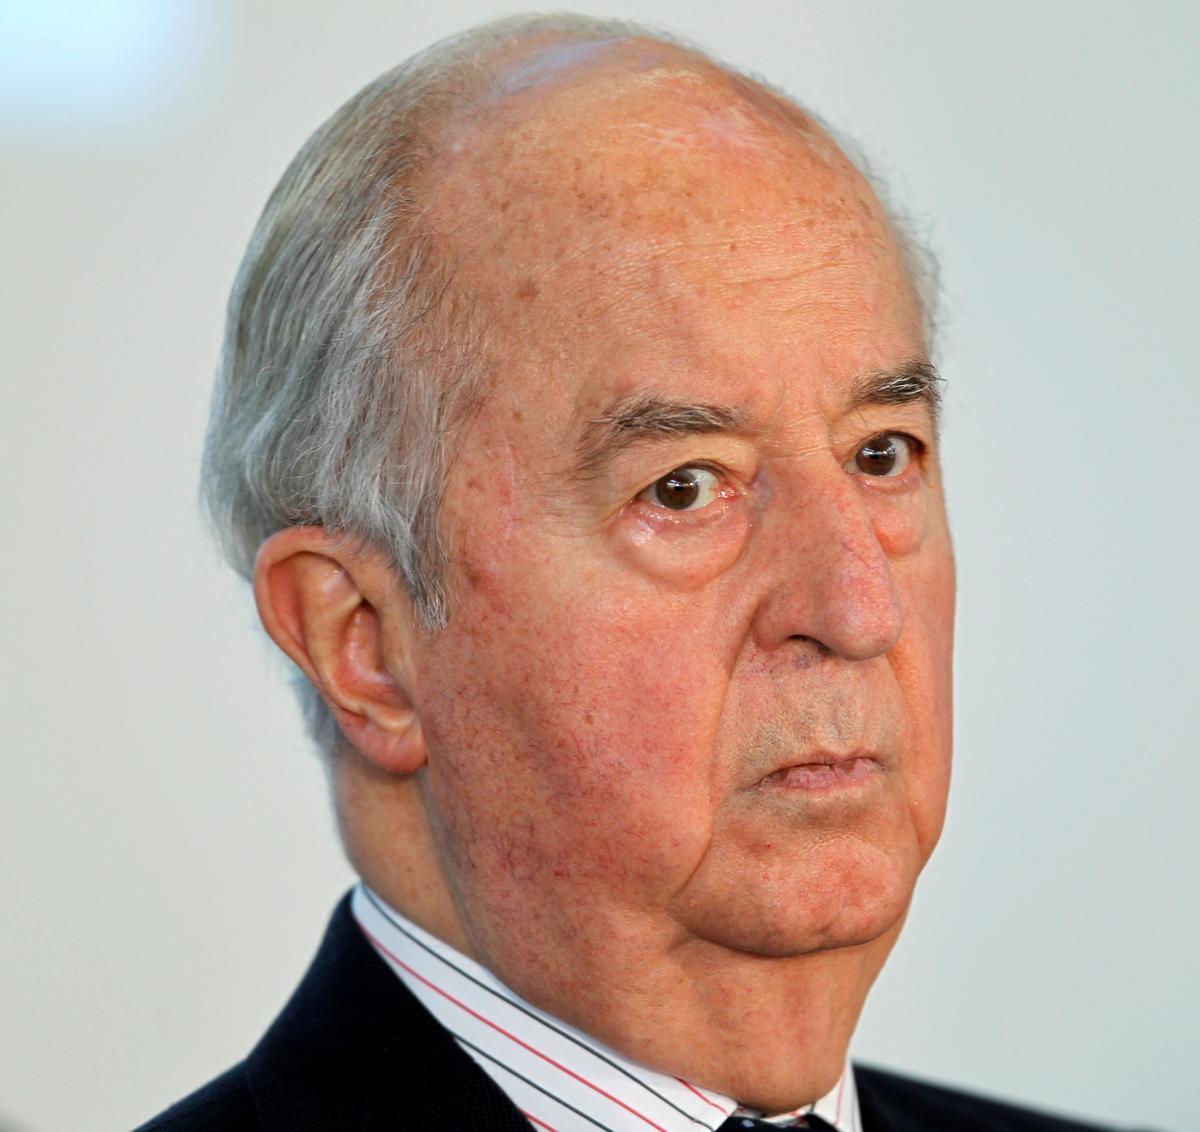 Oud-Franse premier Balladur sal verhoor word oor die duikbooreenkoms in Pakistan in 1990 - bron